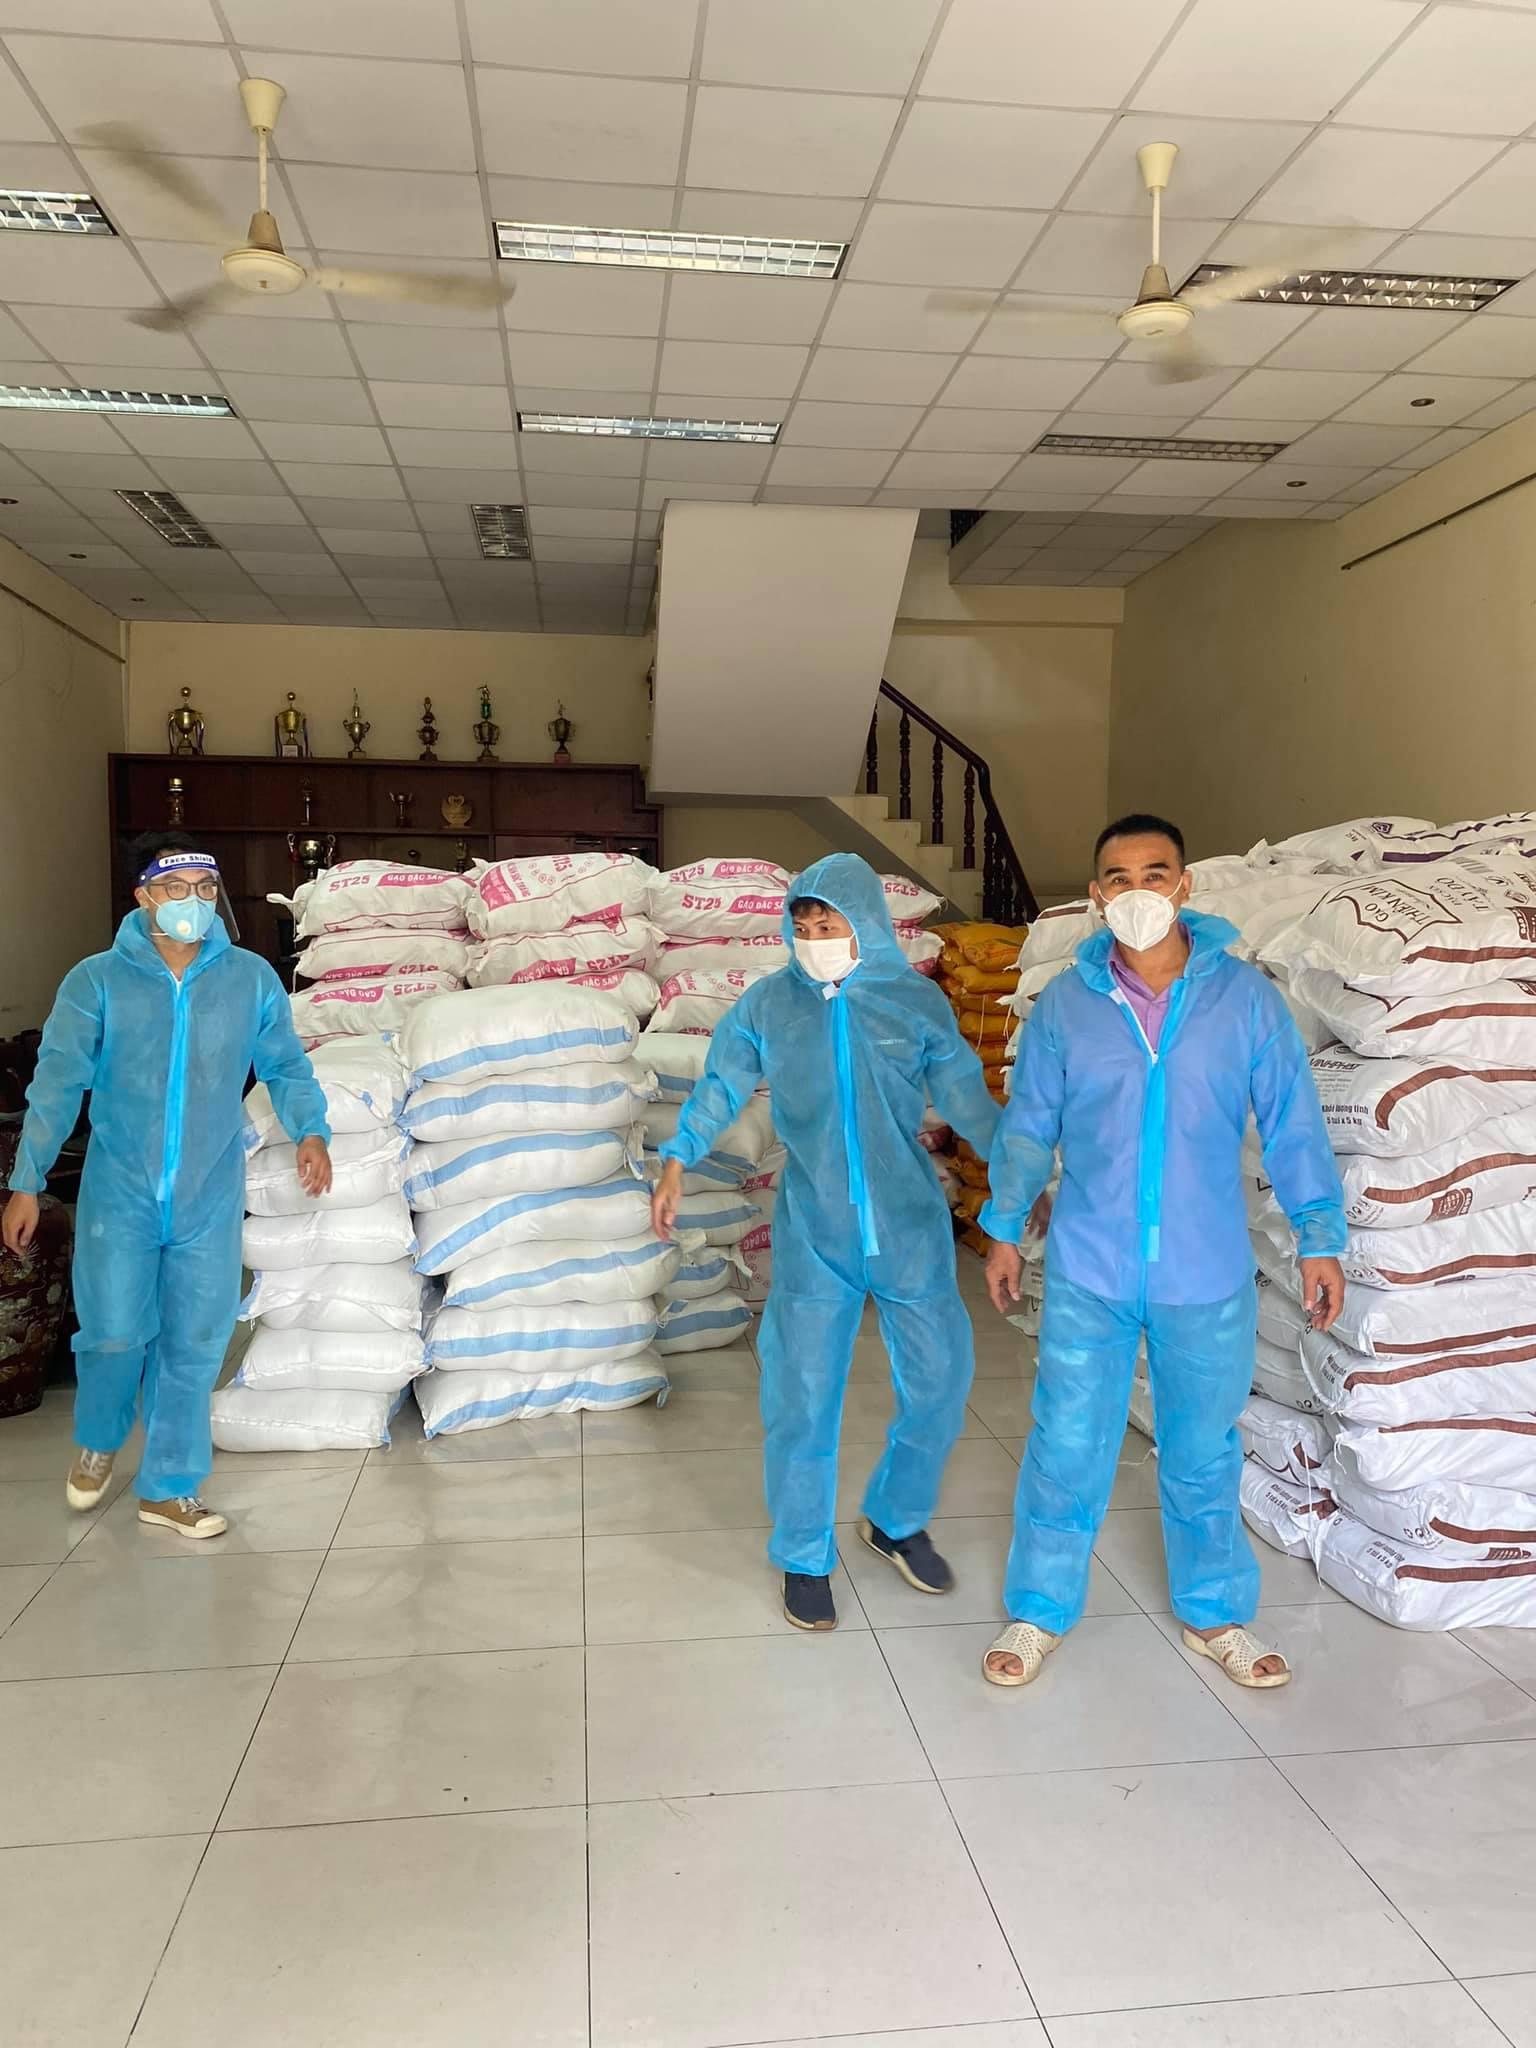 Chuyện của sao Việt (24/7): Xúc động ảnh MC Quyền Linh vác gạo từ thiện ở TP.HCM - Ảnh 3.